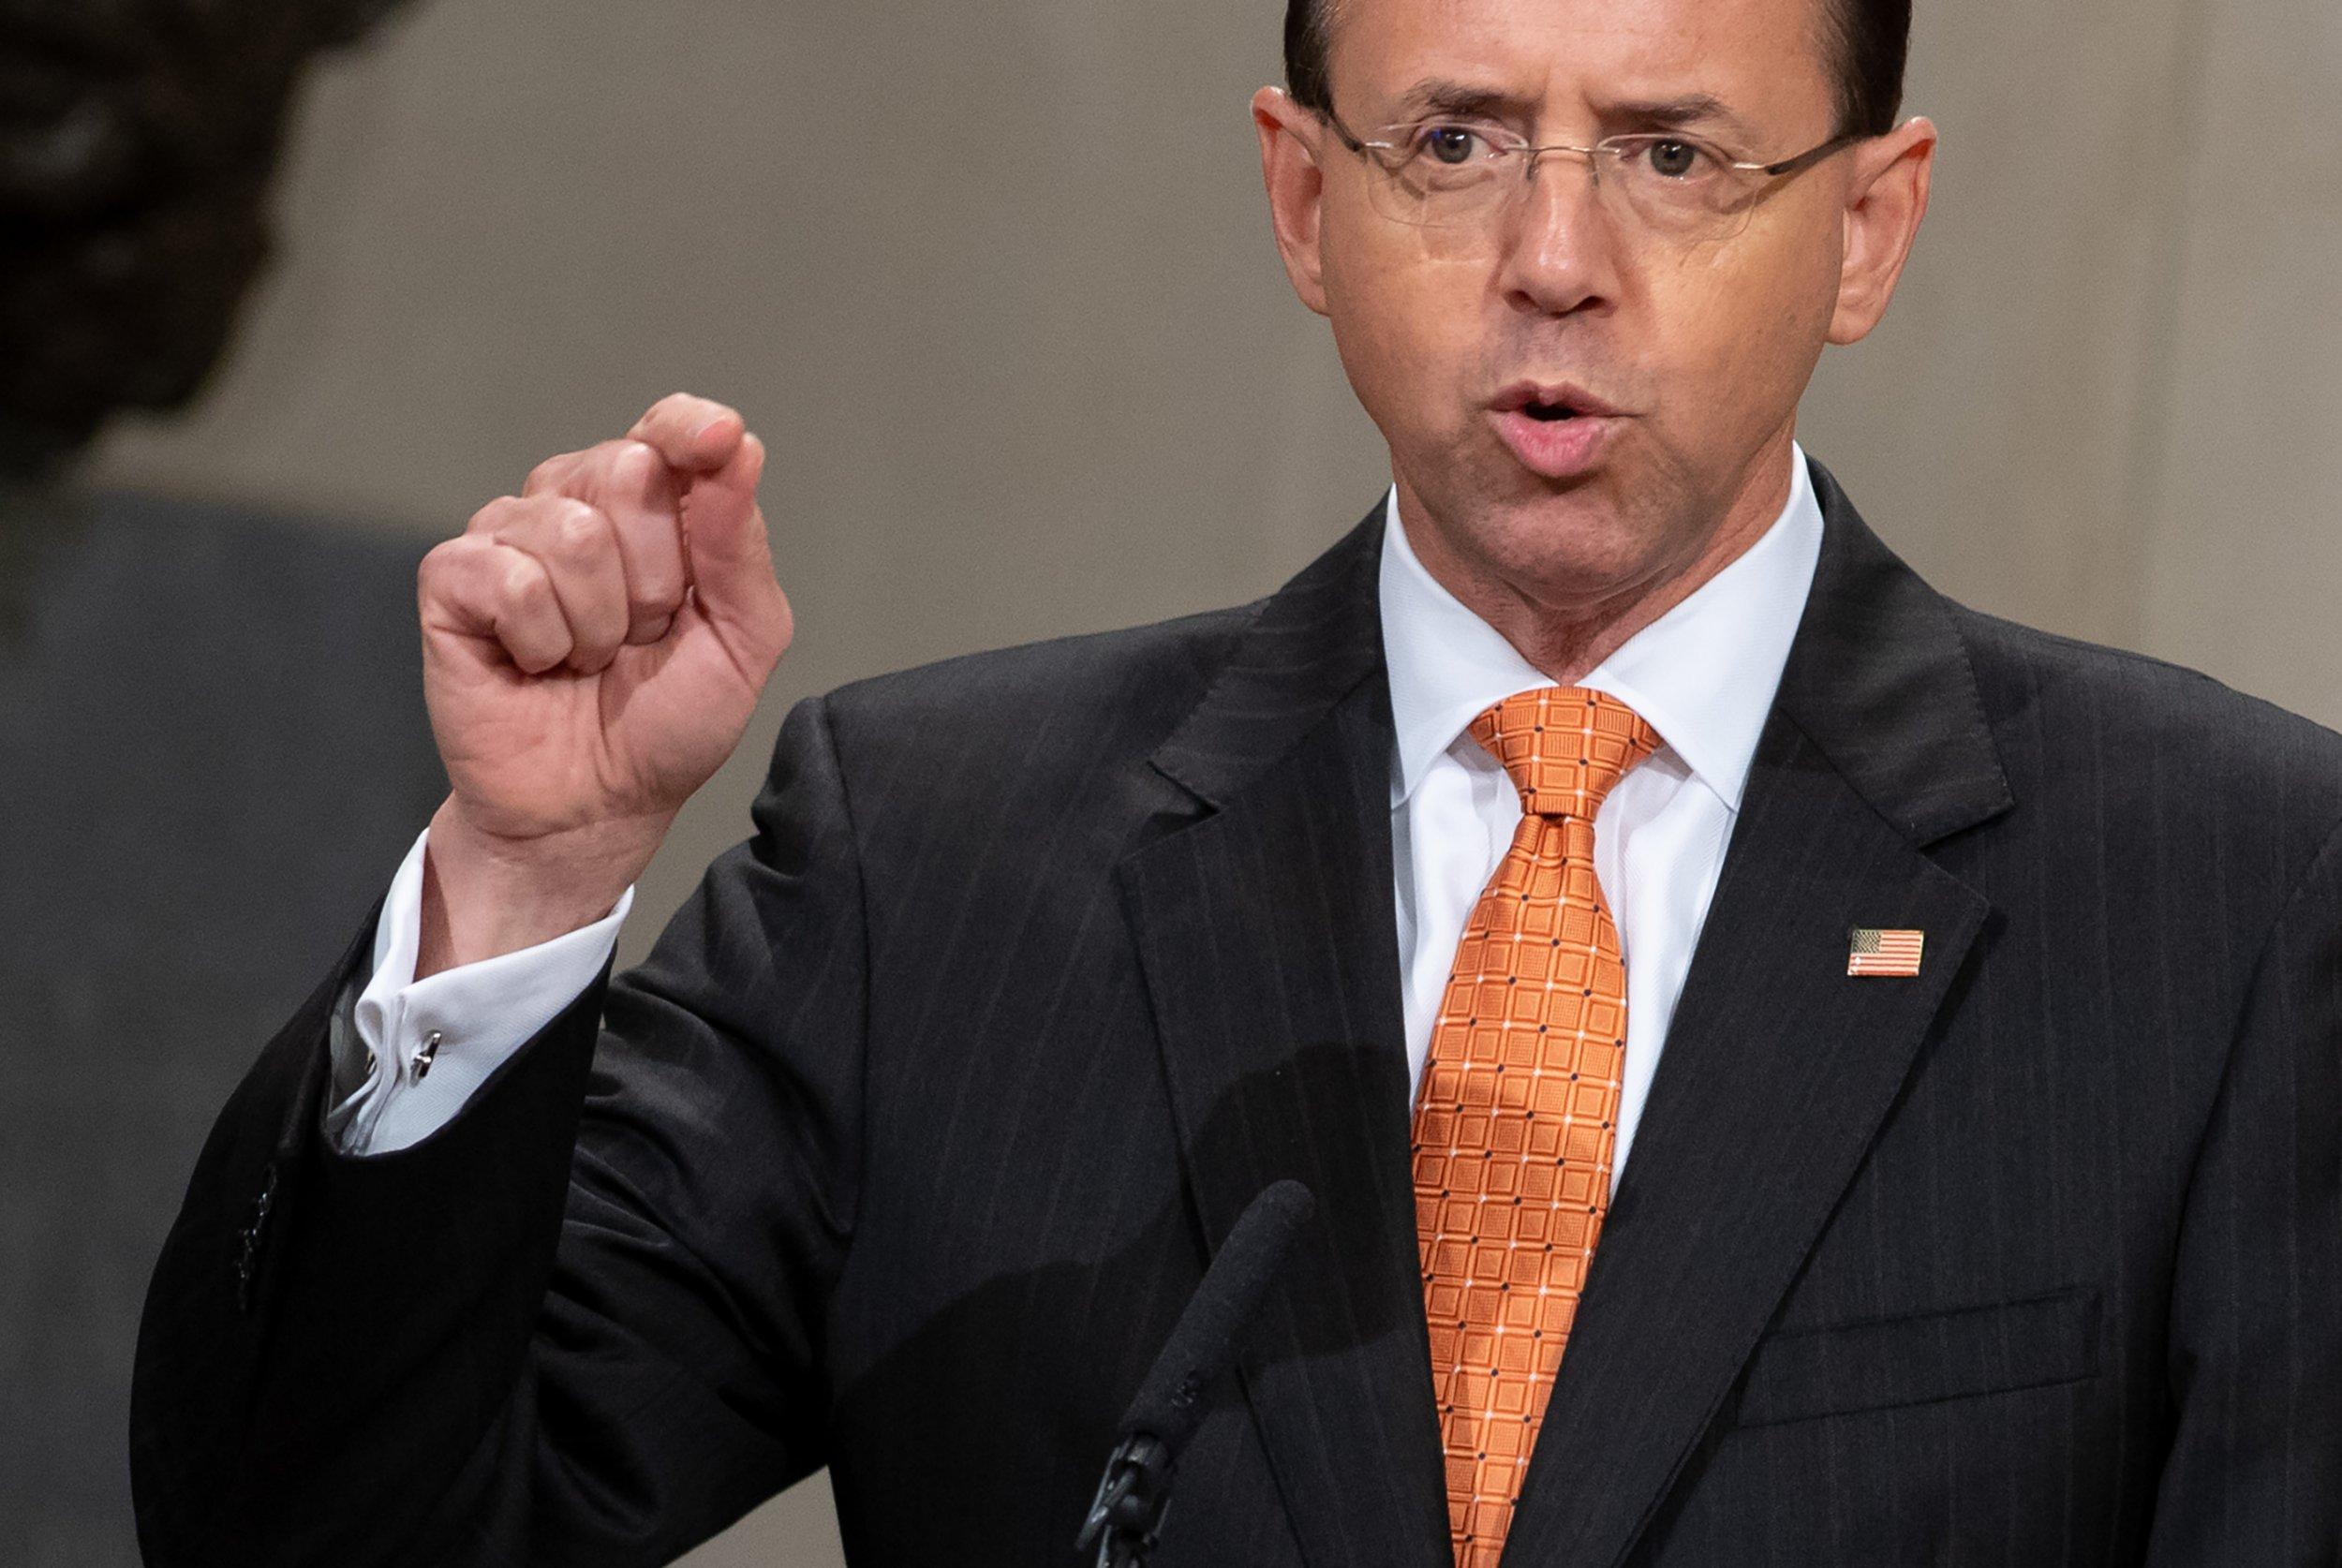 rosenstein wearing wire prove trump unfit amendment